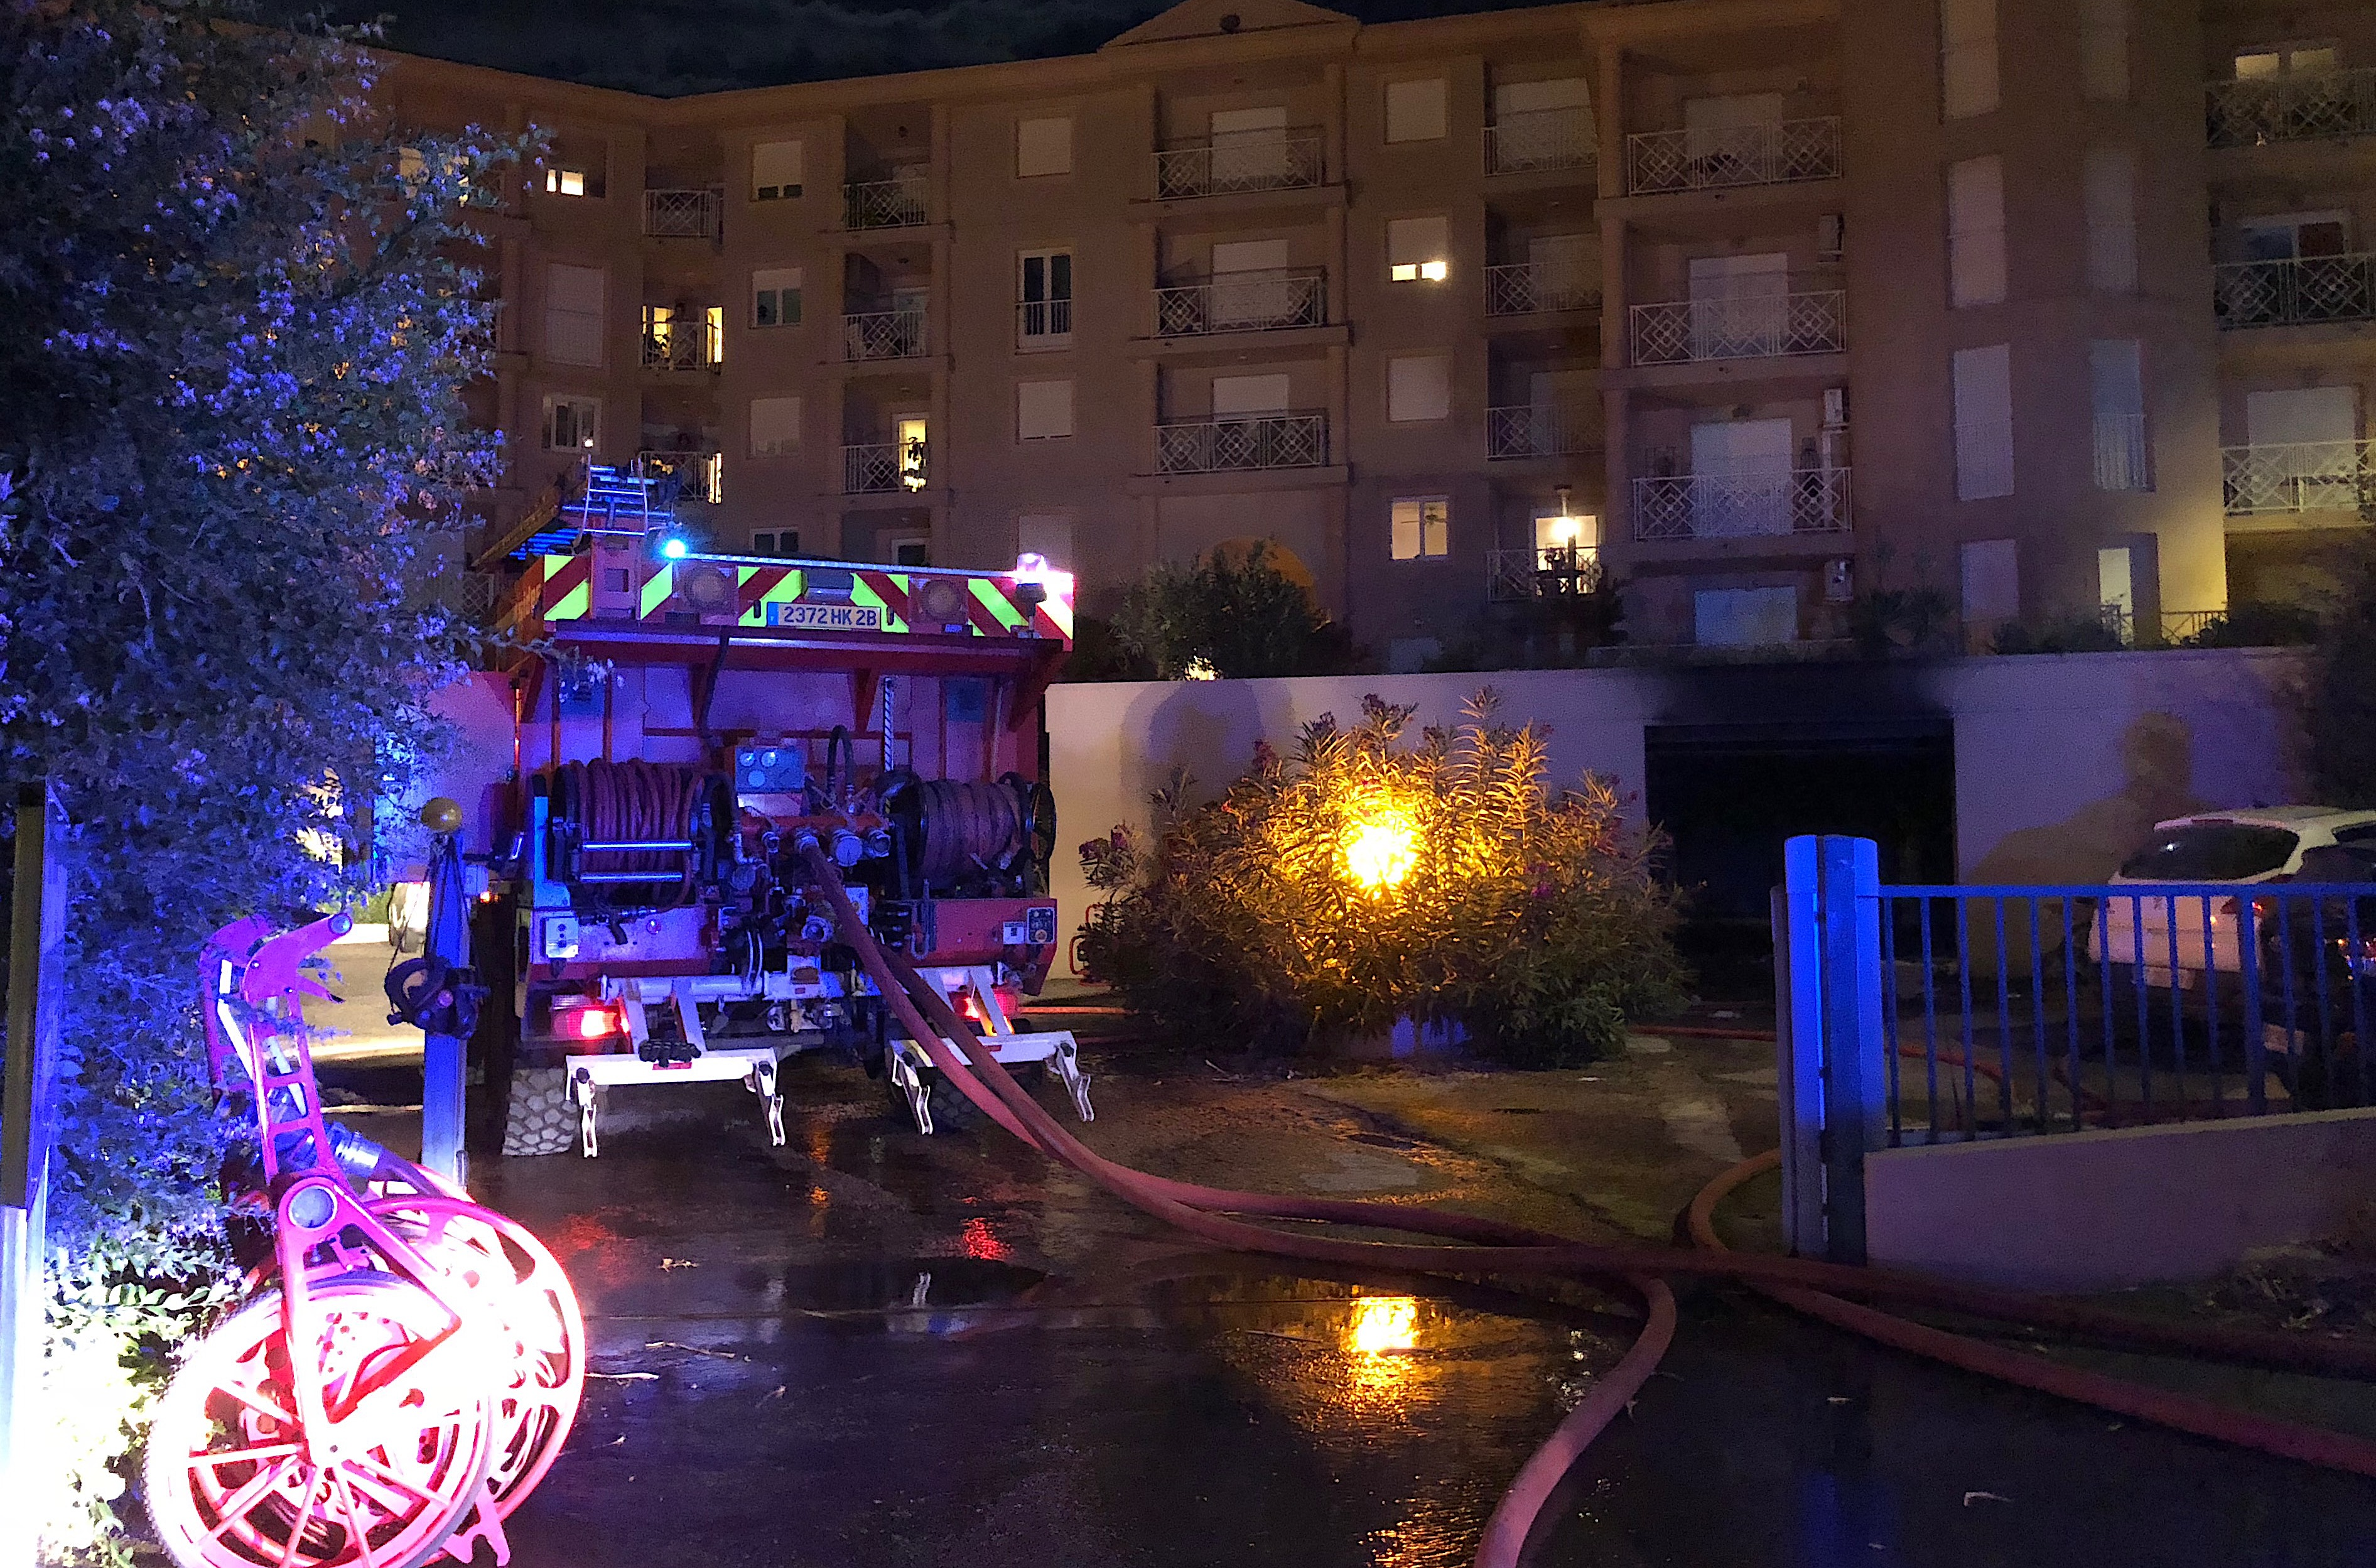 Un garage s'enflamme dans une résidence de Lisula